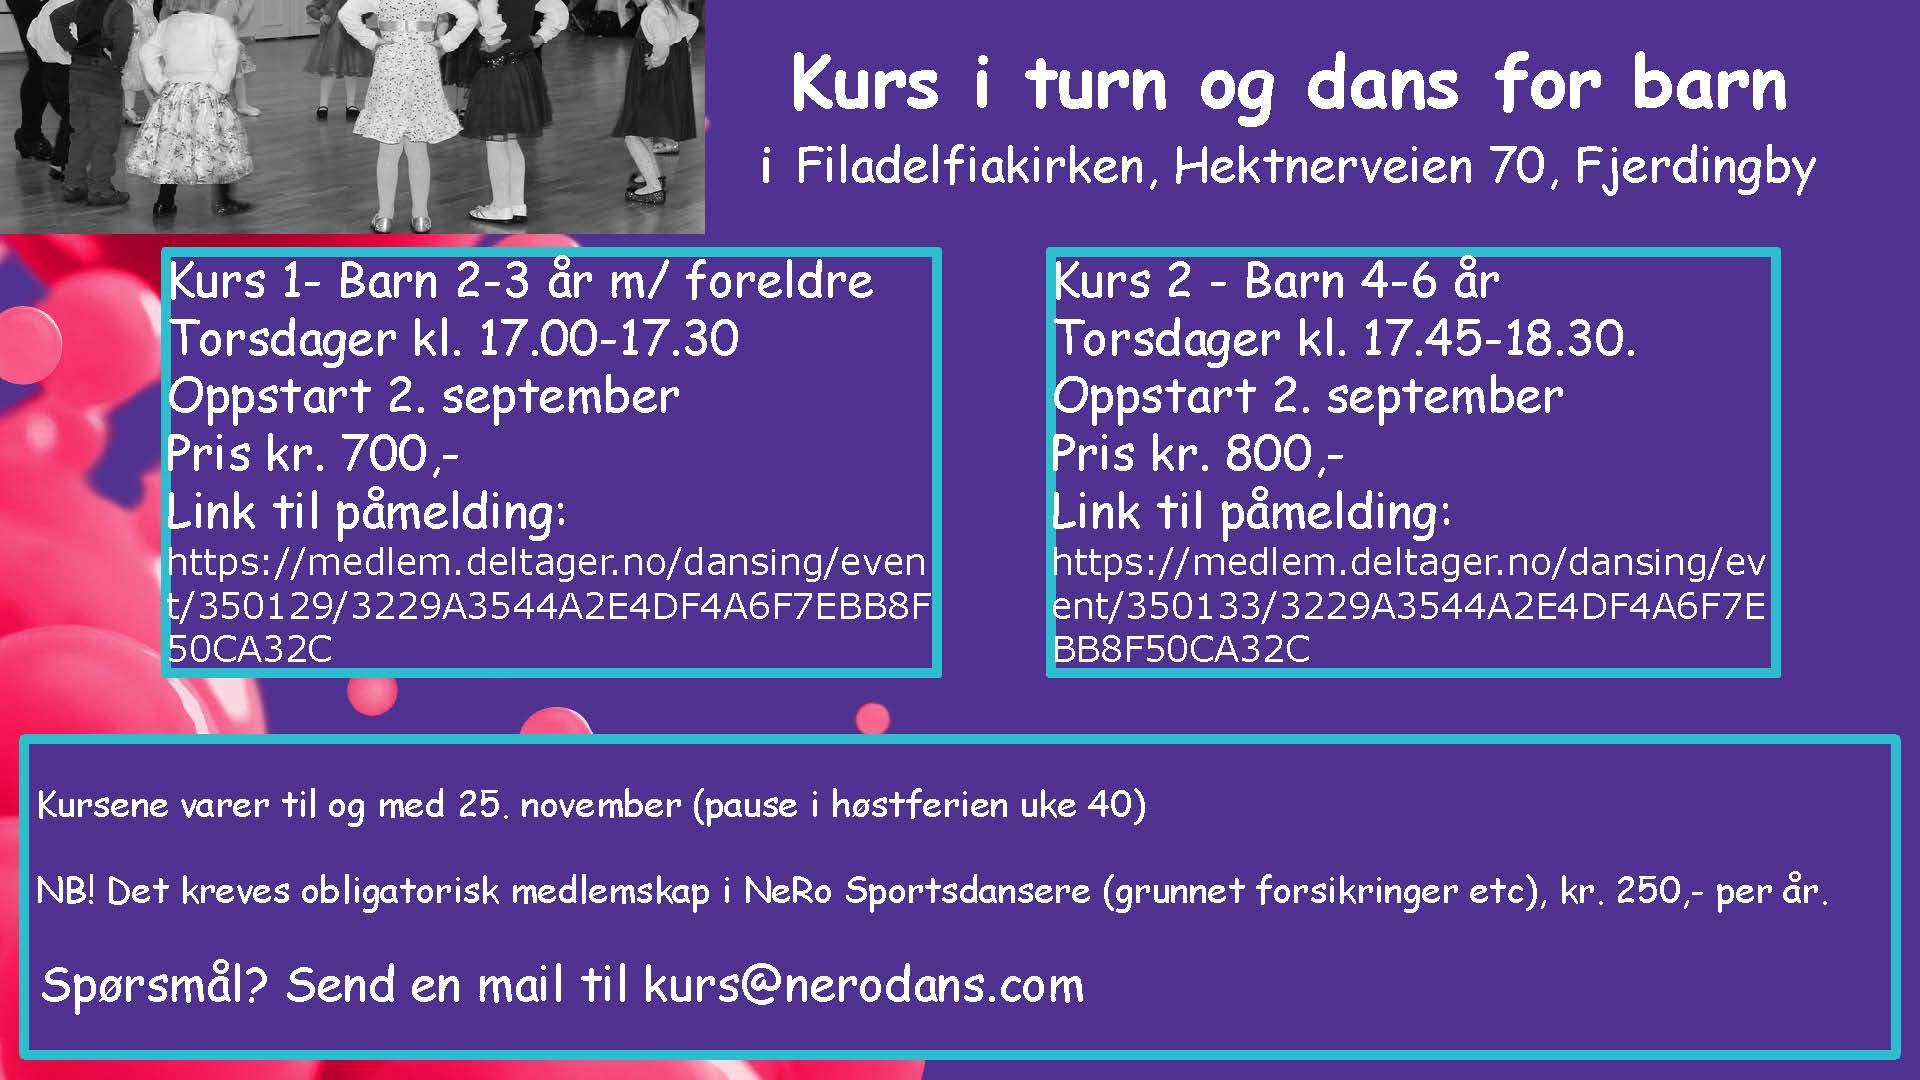 Invitasjon til barnekurs Fjerdingby høst 2021